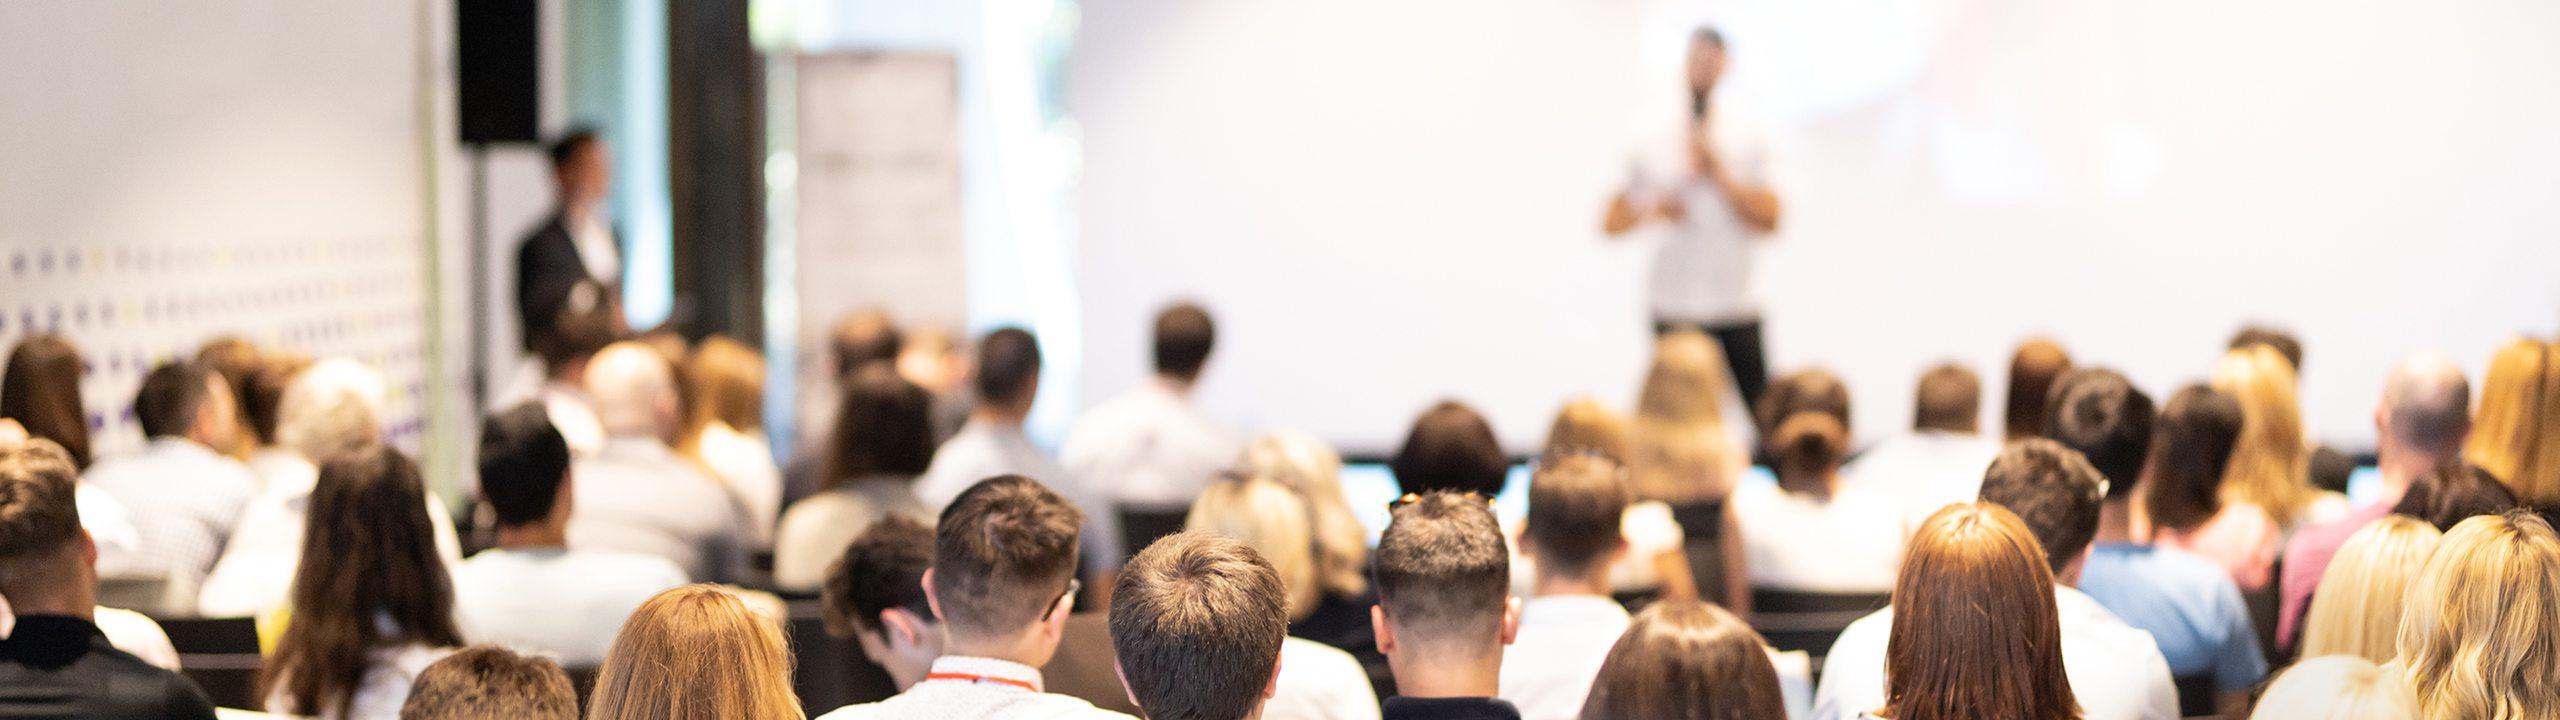 RELEASE die PowerPoint Agentur erstellt PowerPoint für Aurelis aus Frankfurt